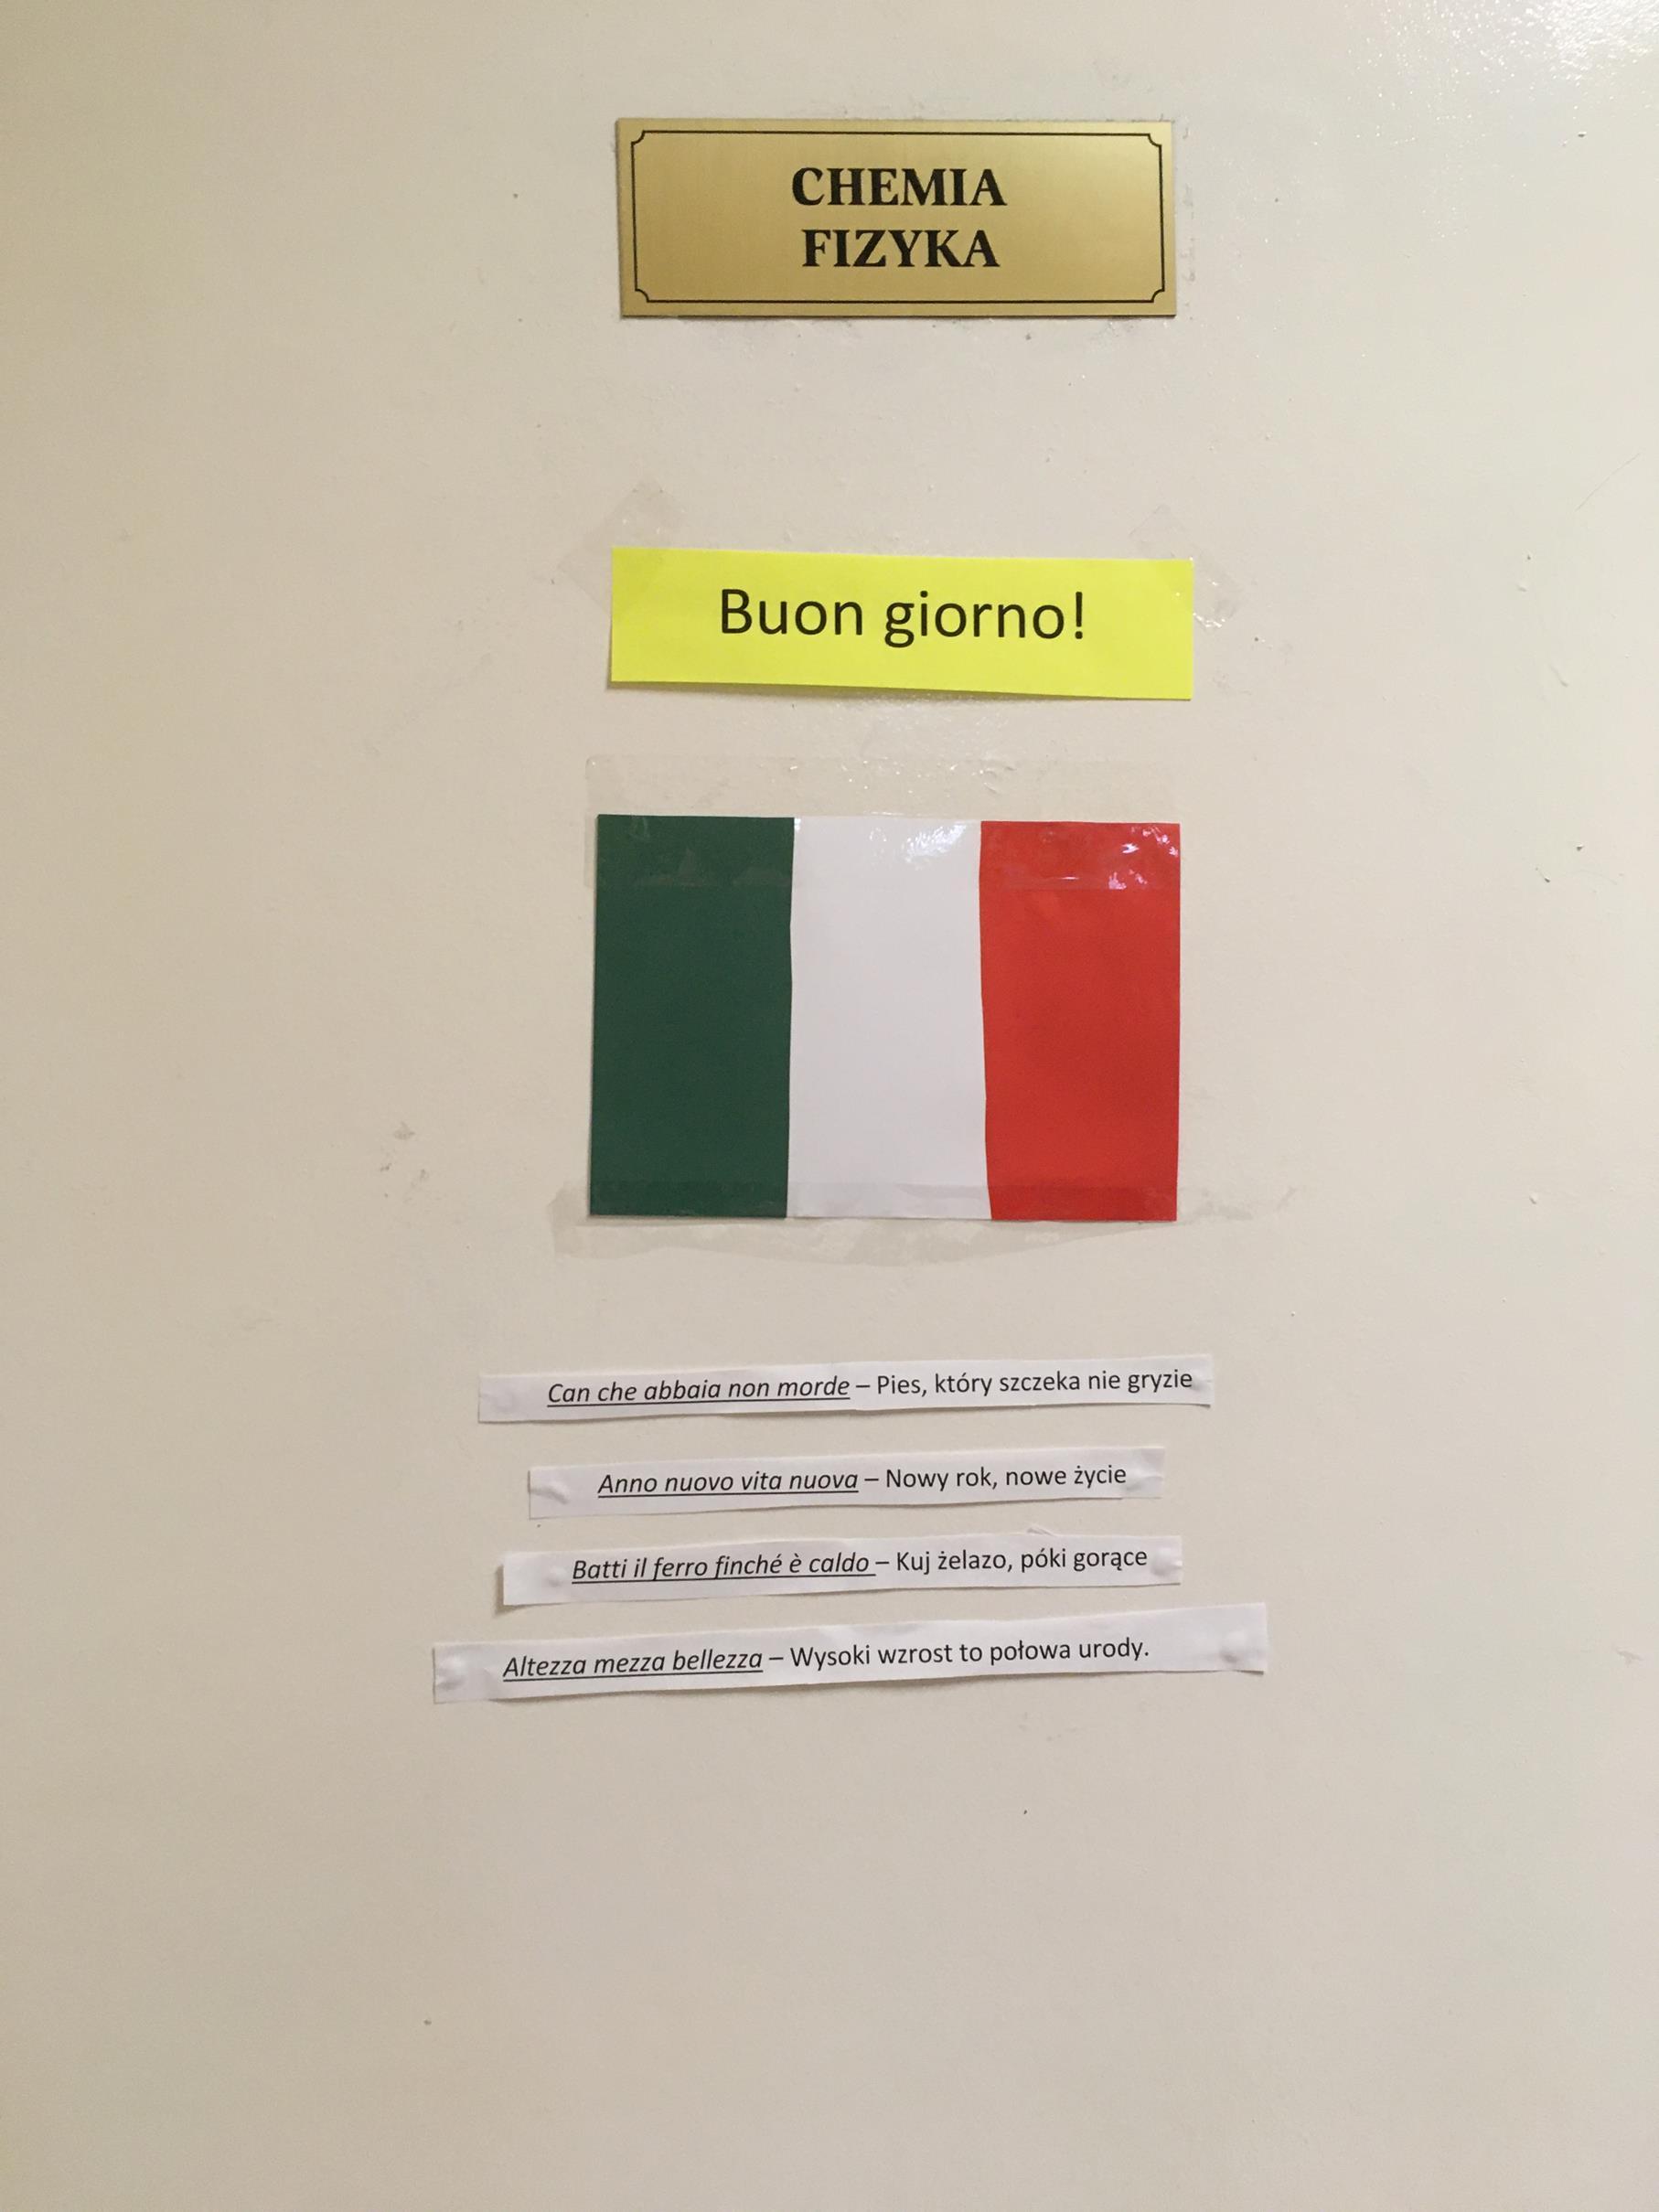 Uczniowie przygotowali projekt flagi, powitania, powiedzonek  w języku włoskim